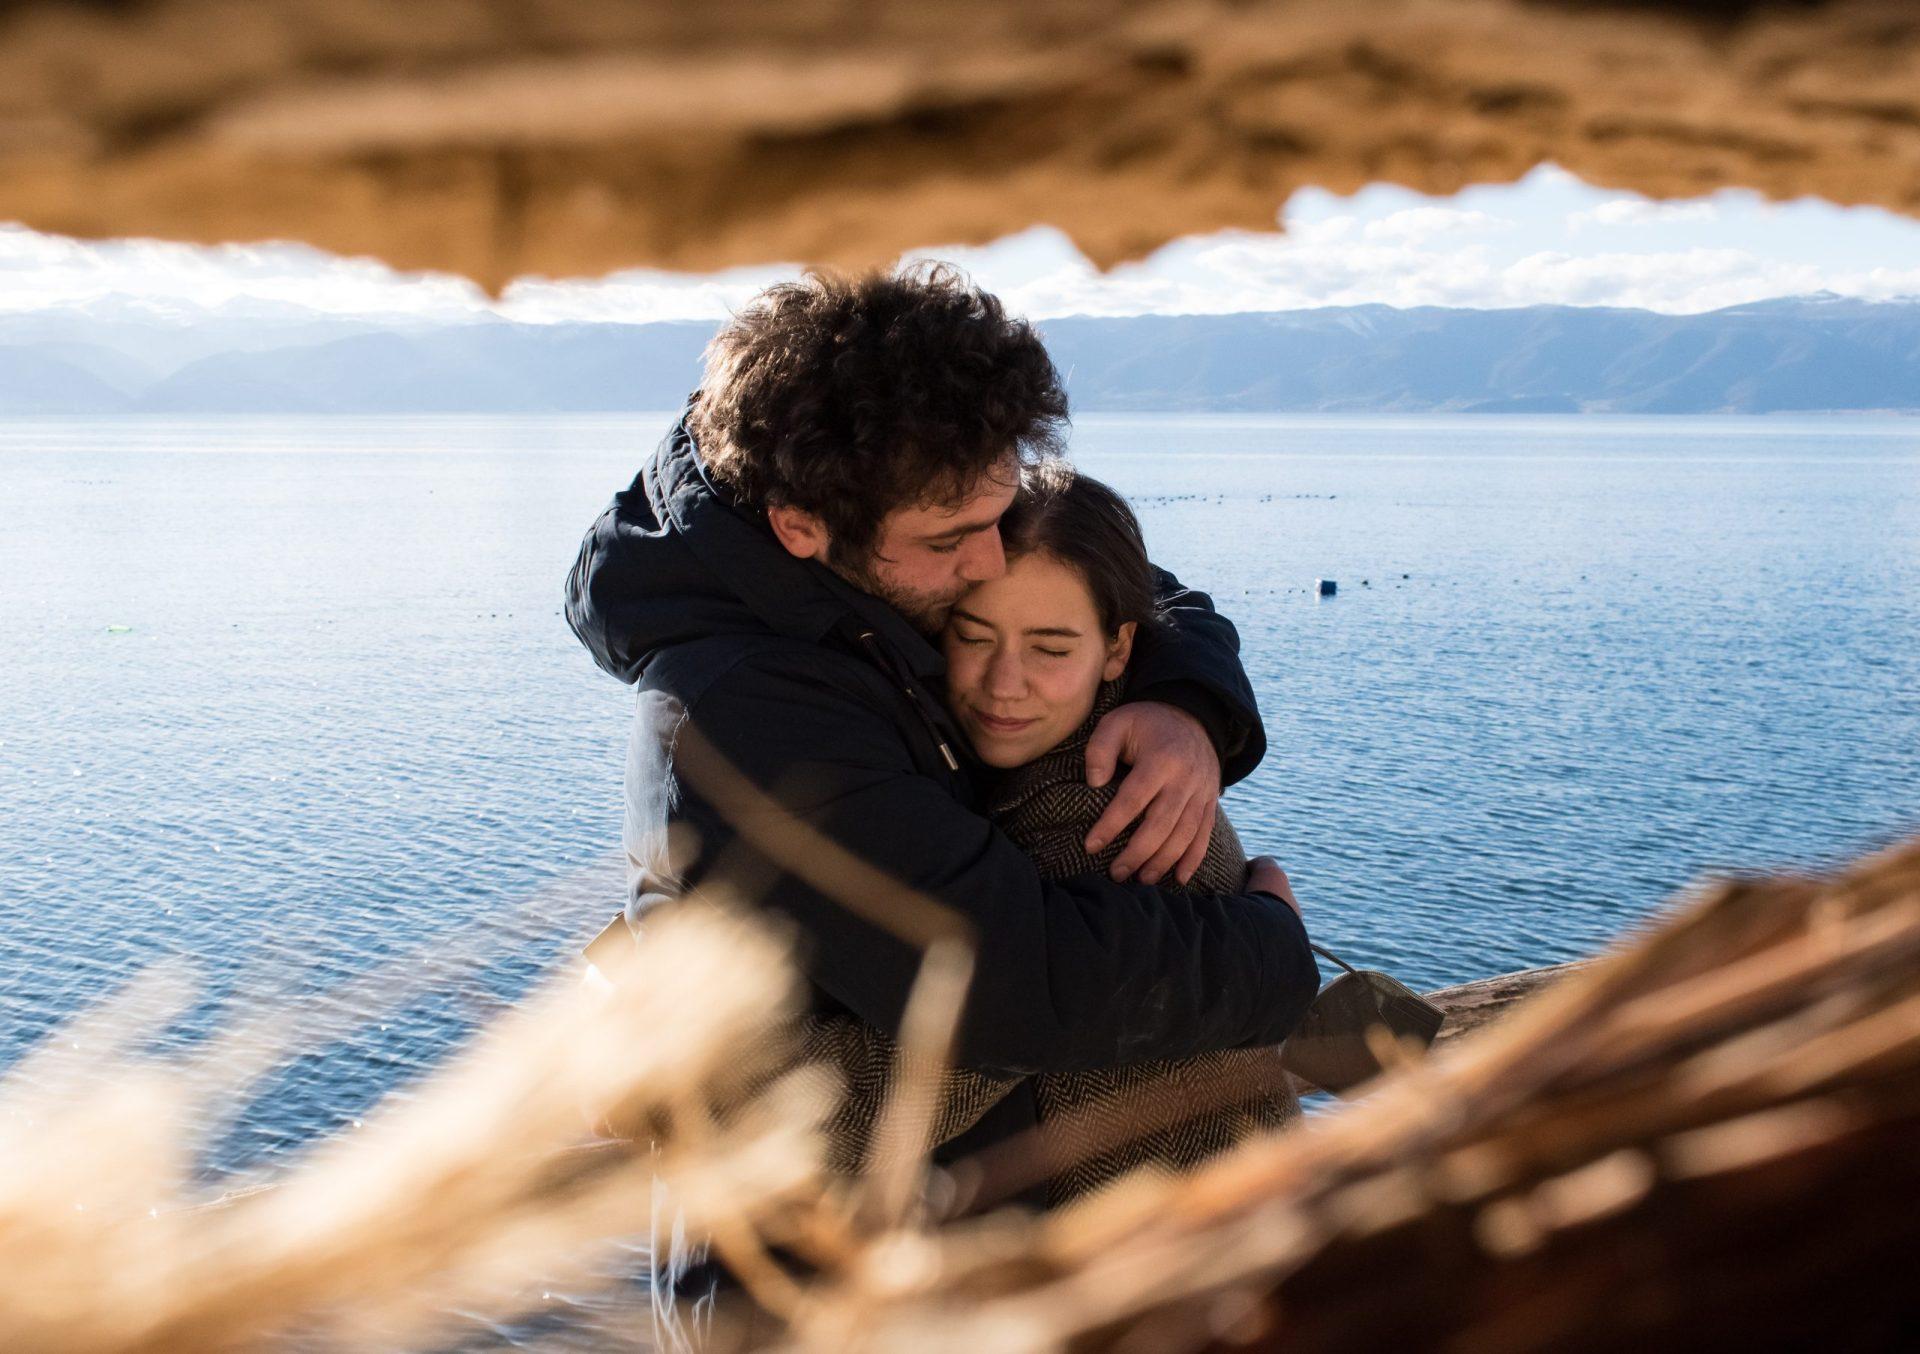 Man Hugging woman in comfort